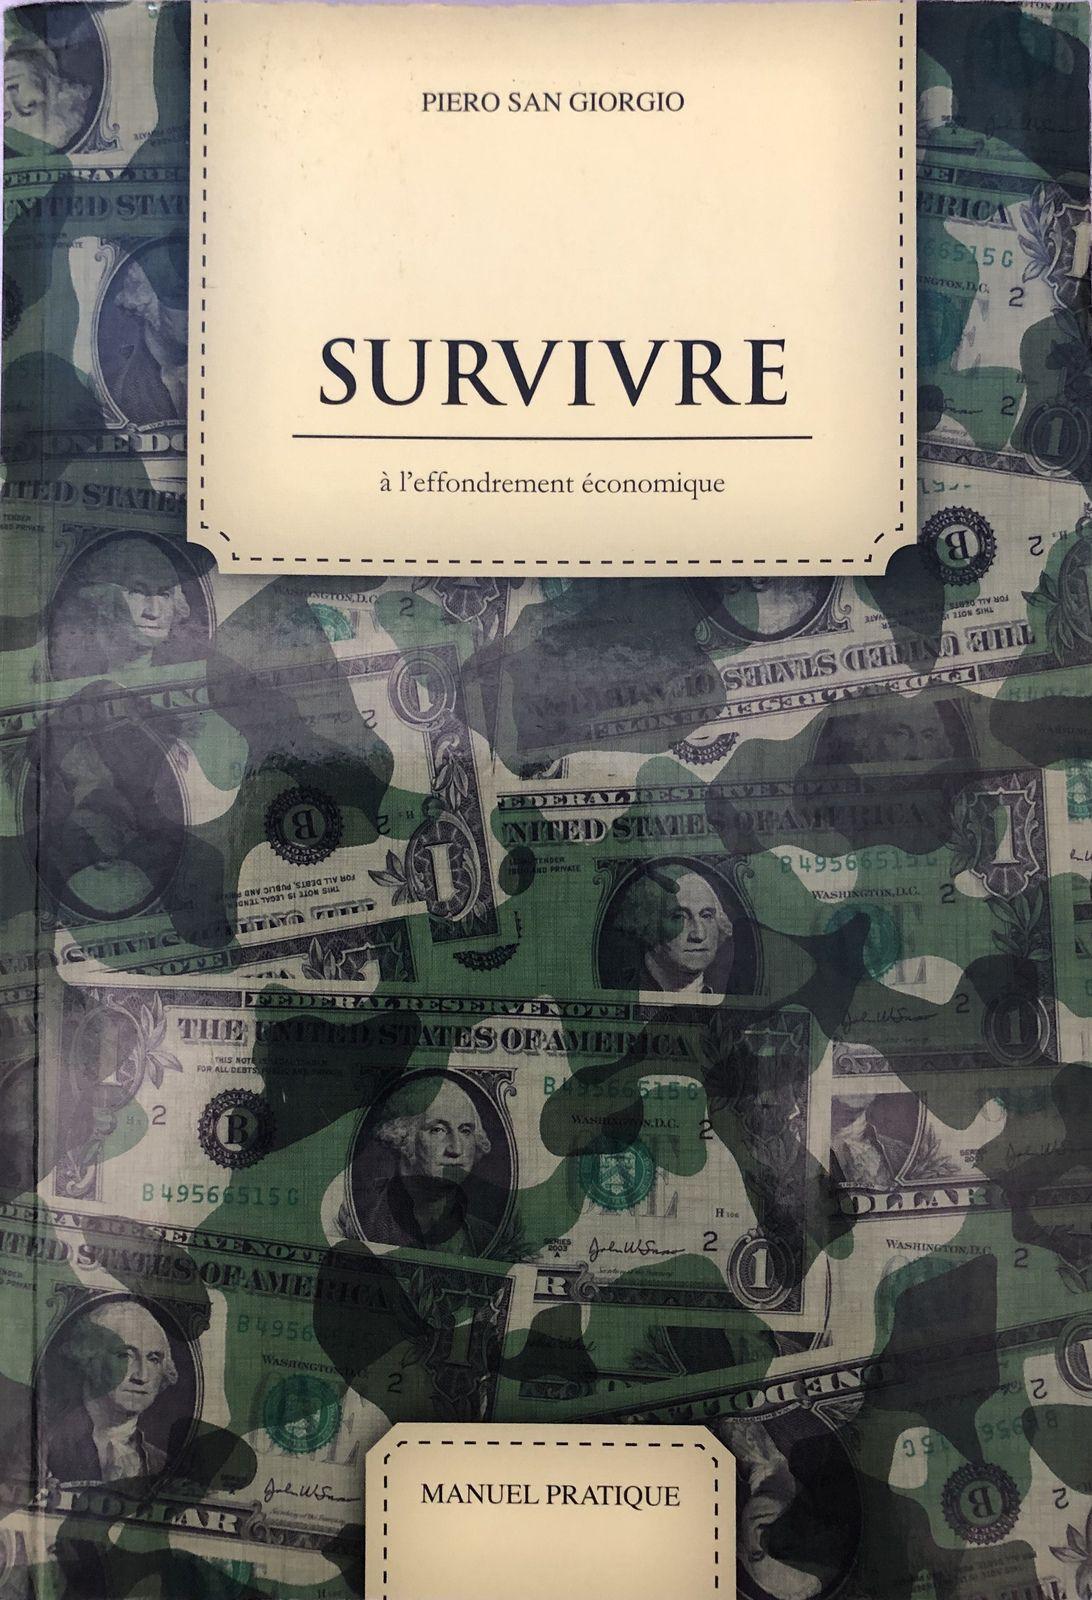 Survivre à l'effondrement économique de Piero San Giorgio